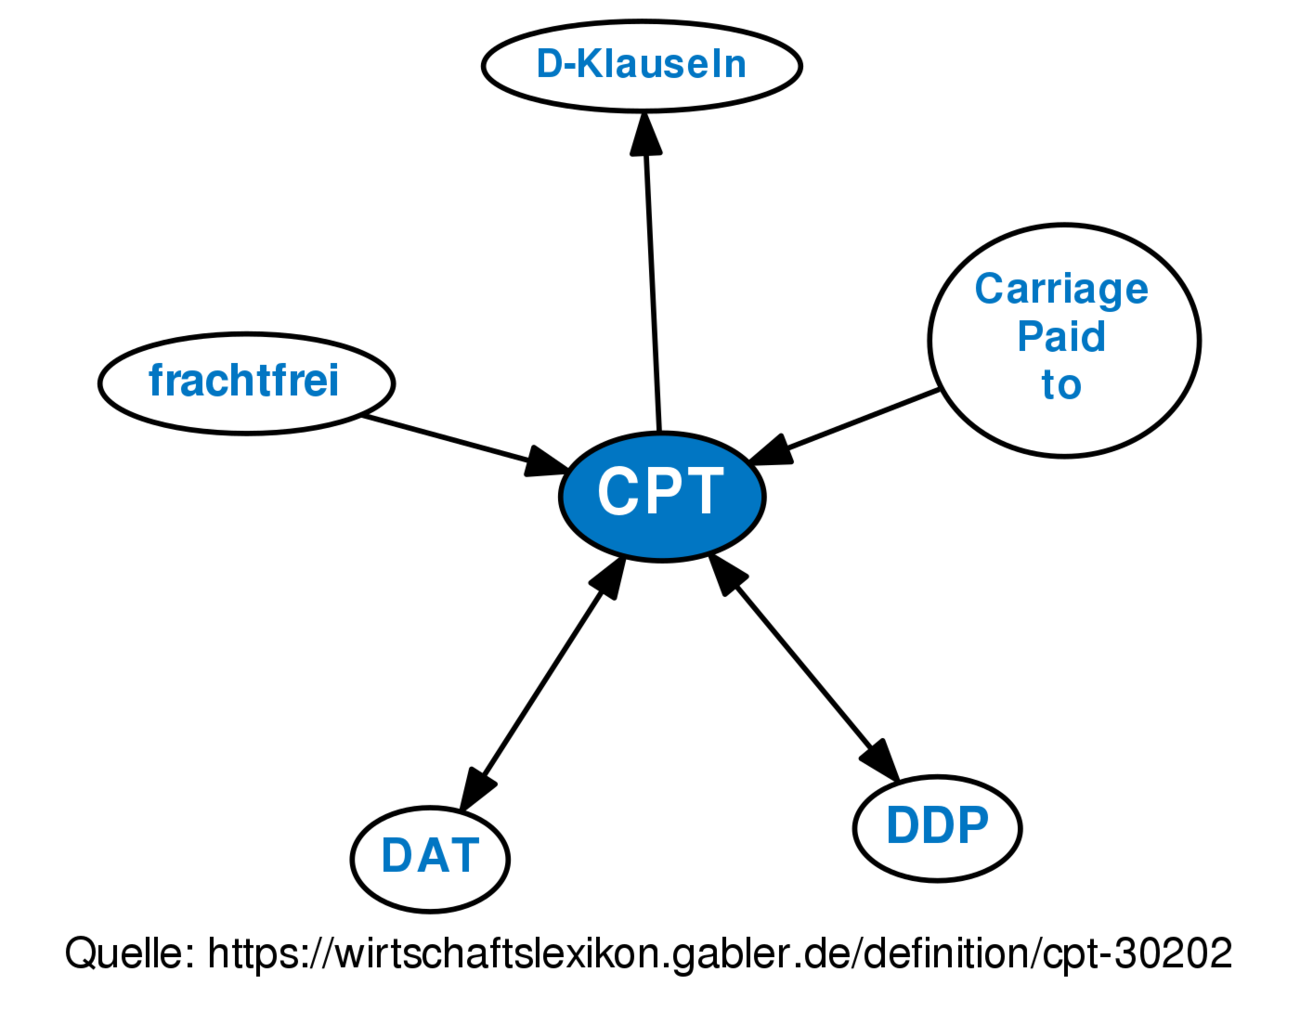 Cpt Definition Gabler Wirtschaftslexikon